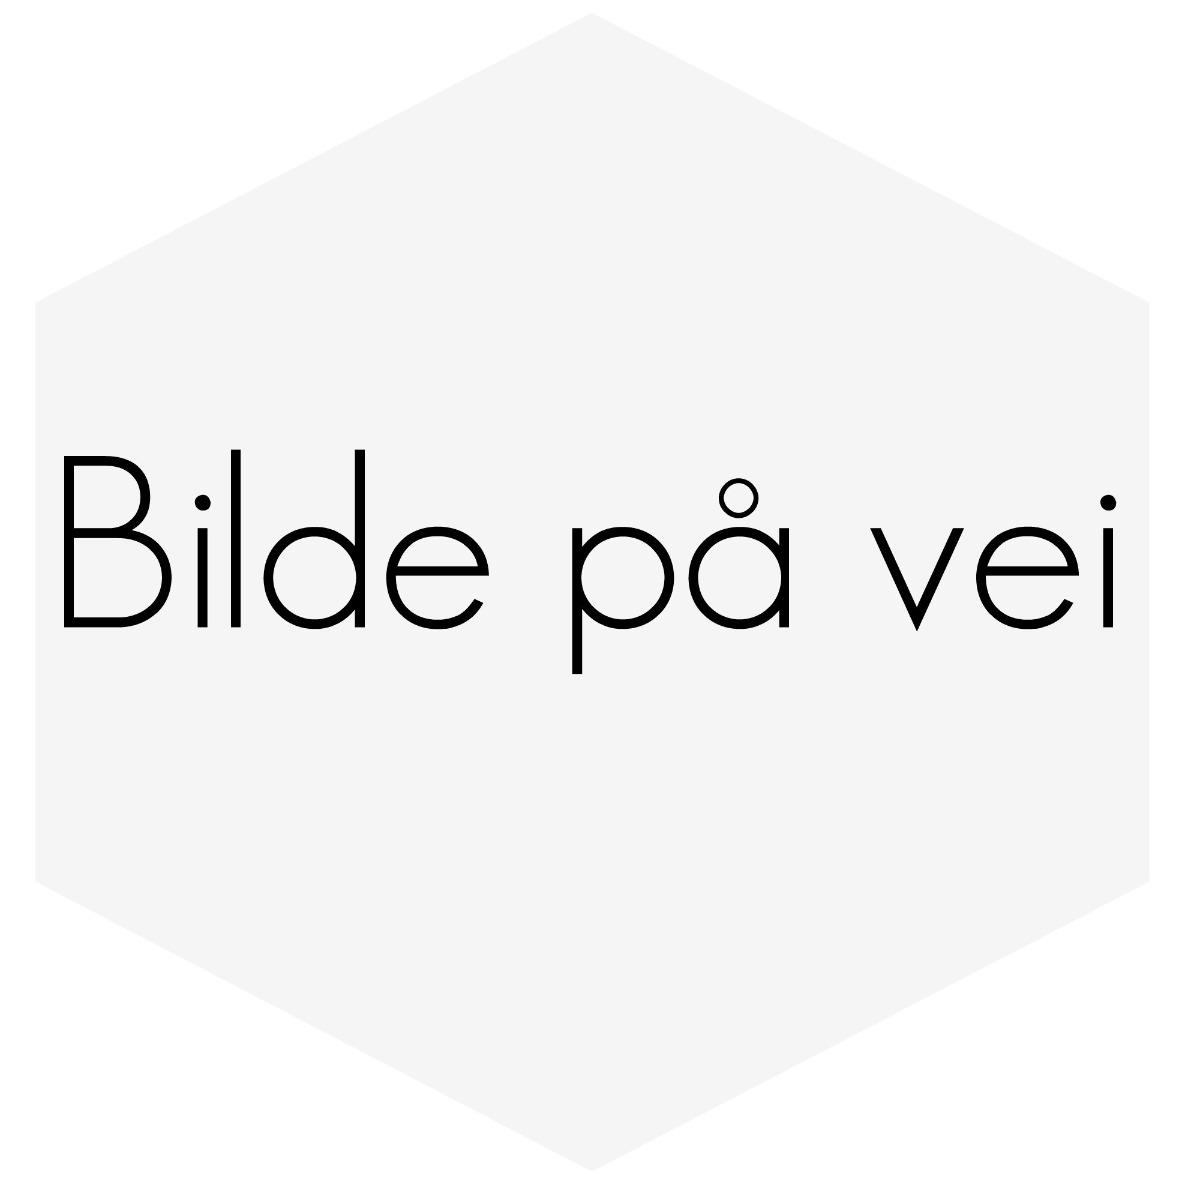 KLIPS/FESTE PUSSERBLAD LYKT 740 HØYRE SIDE ORG.